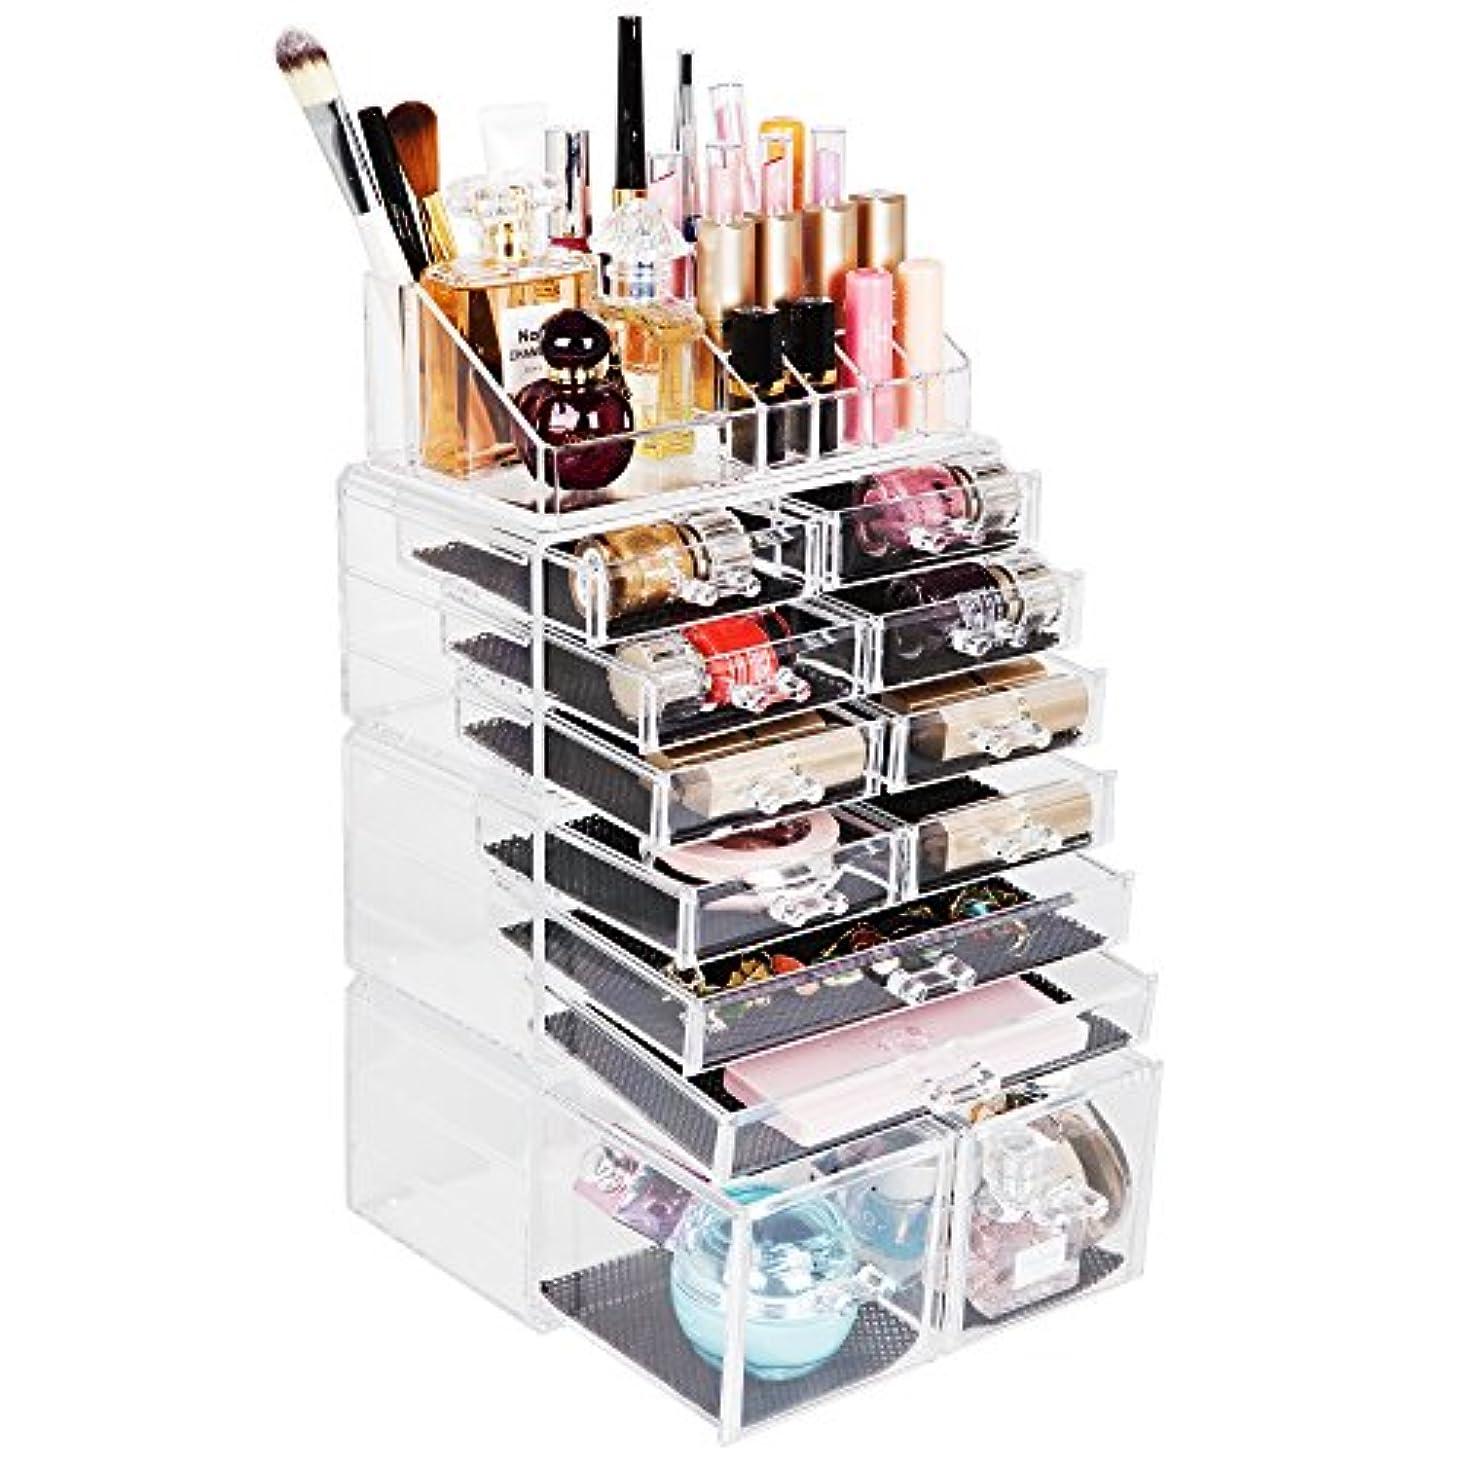 やめるうんざりデュアルReodoeer 化粧品収納ボックス メイクケース メイクボックス 化粧品入れ コスメ収納スタンド(透明)